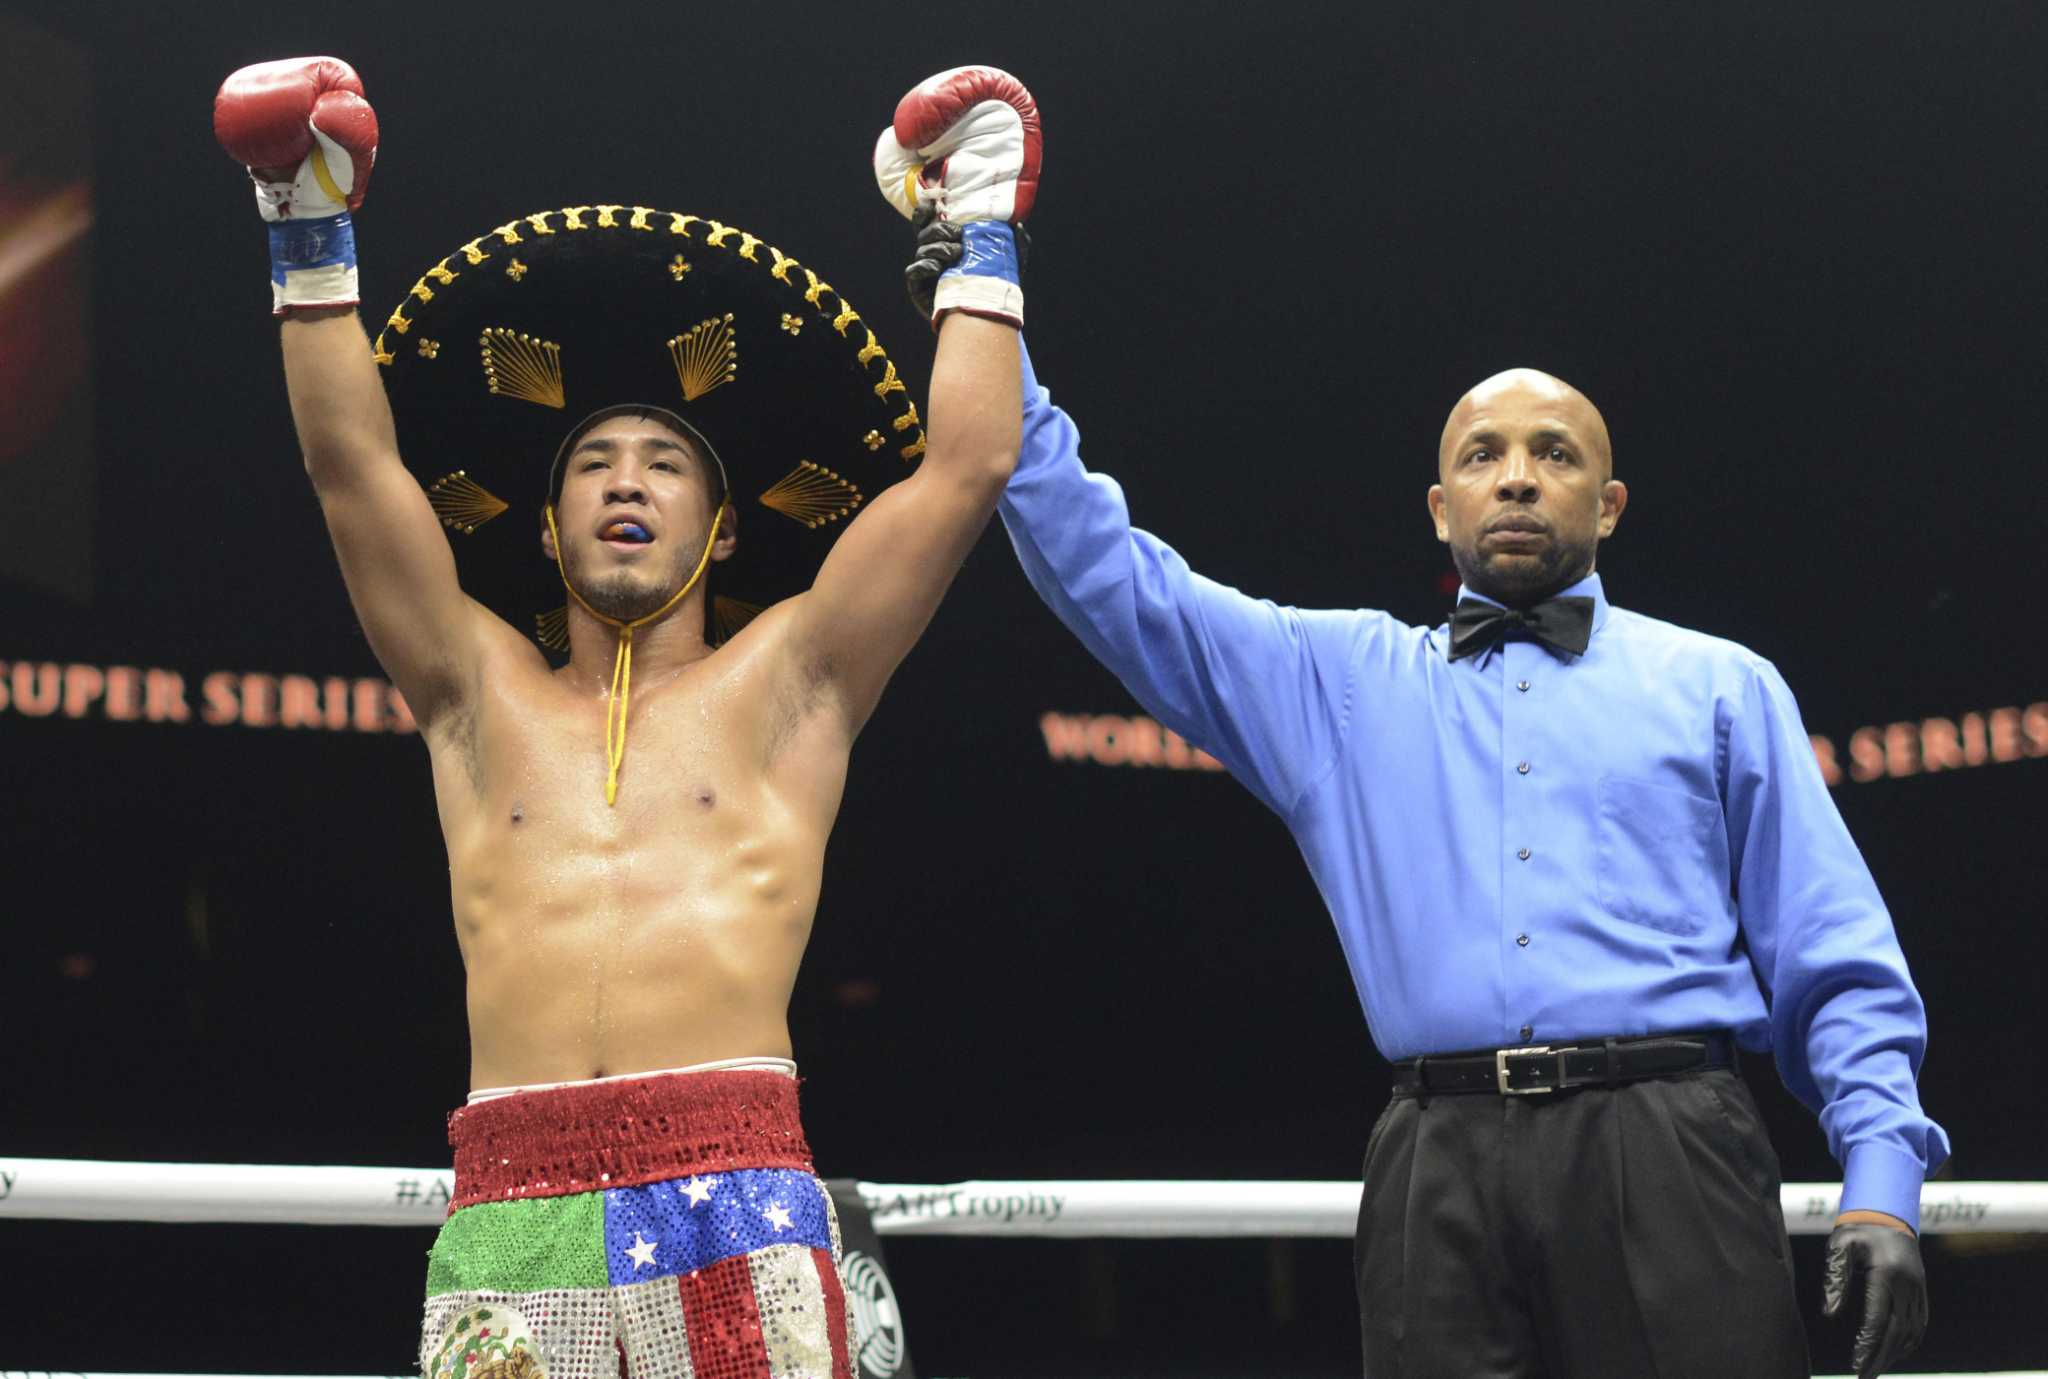 For San Antonio Boxer Kendo Castaneda Espn Bout A Lateral Move Expressnews Com